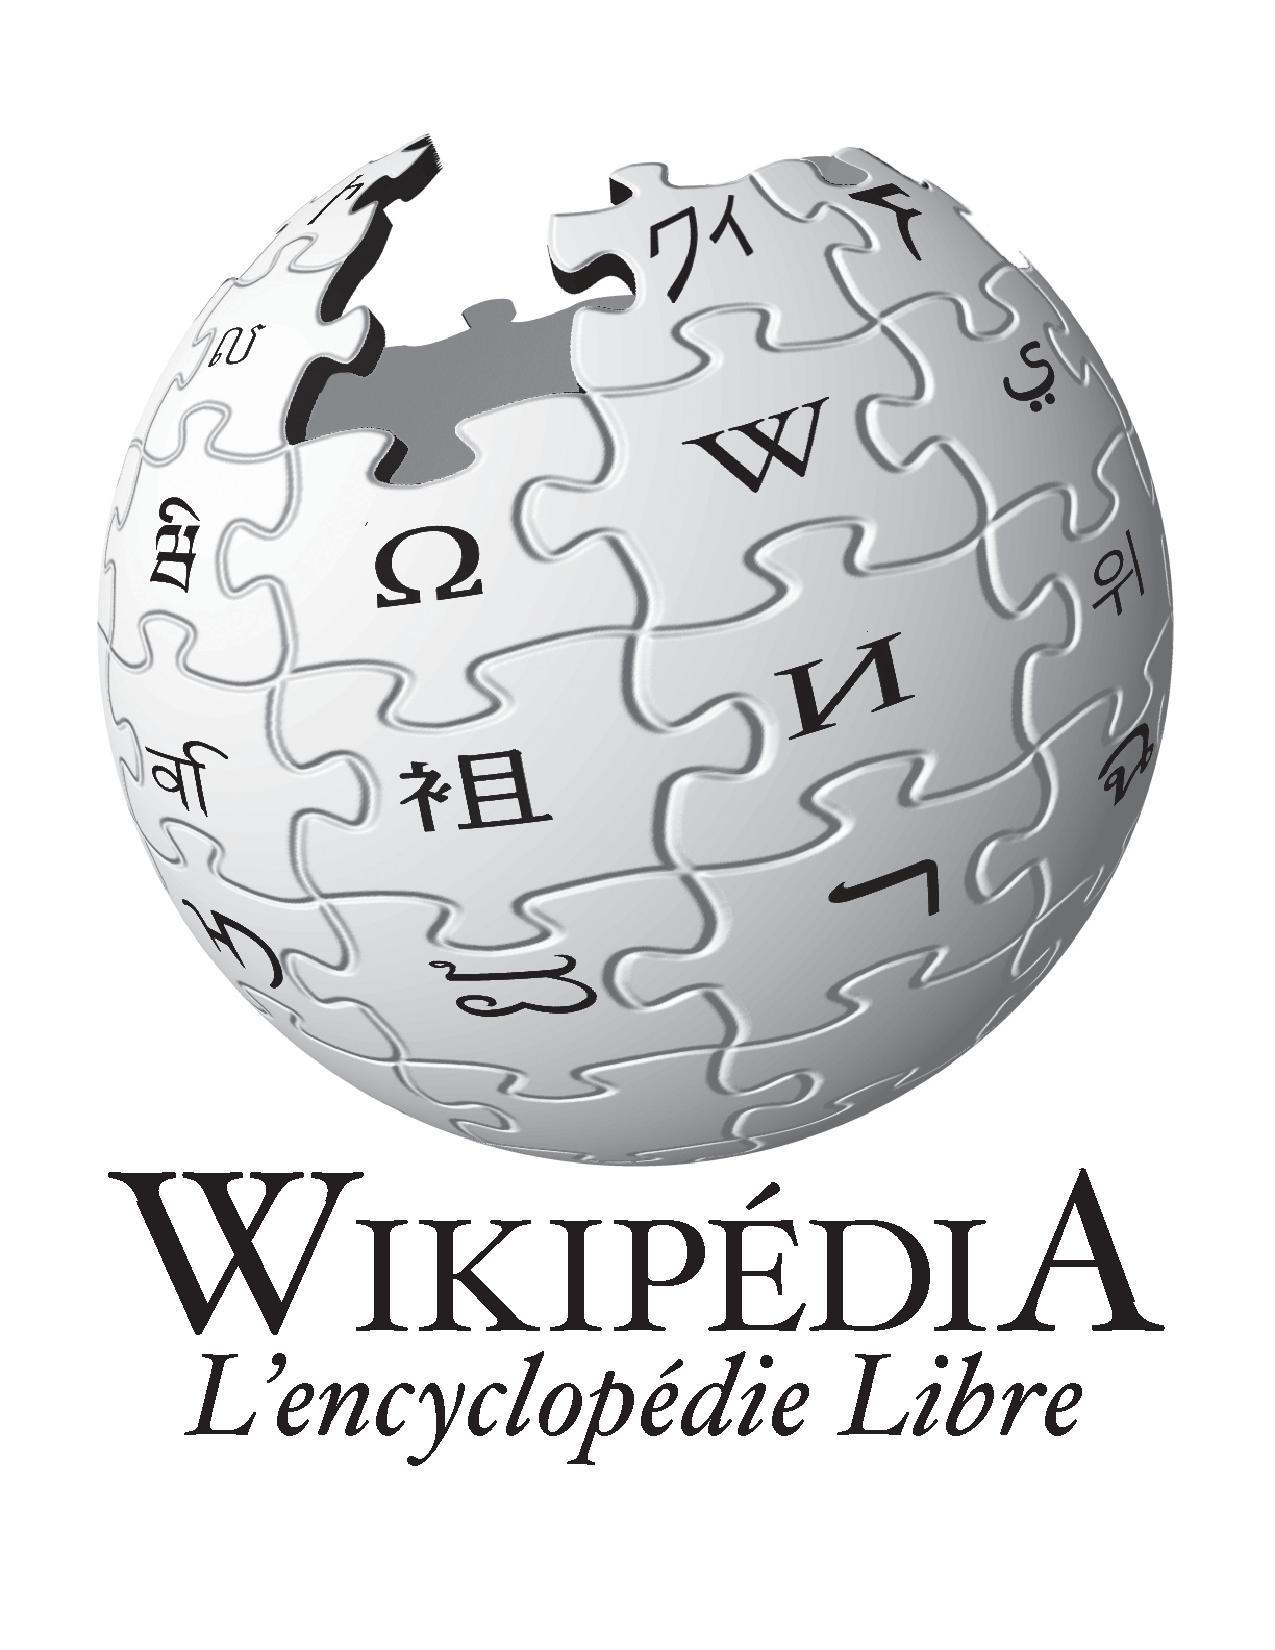 Жизнь, которой не было — Википедия с видео <img src=